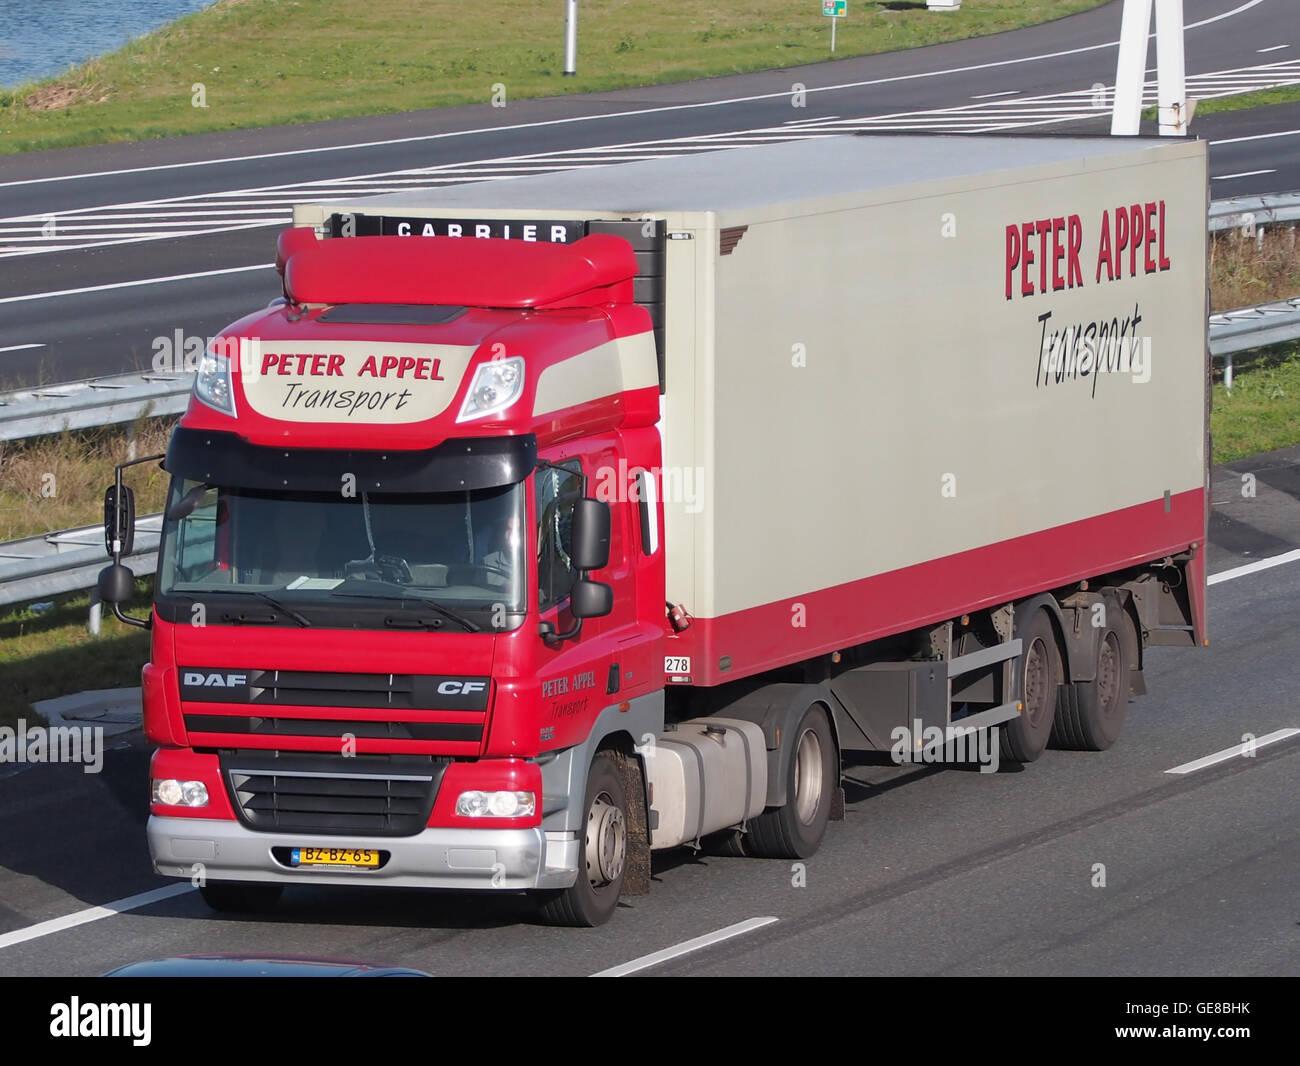 DAF CF, Peter Appel Transport